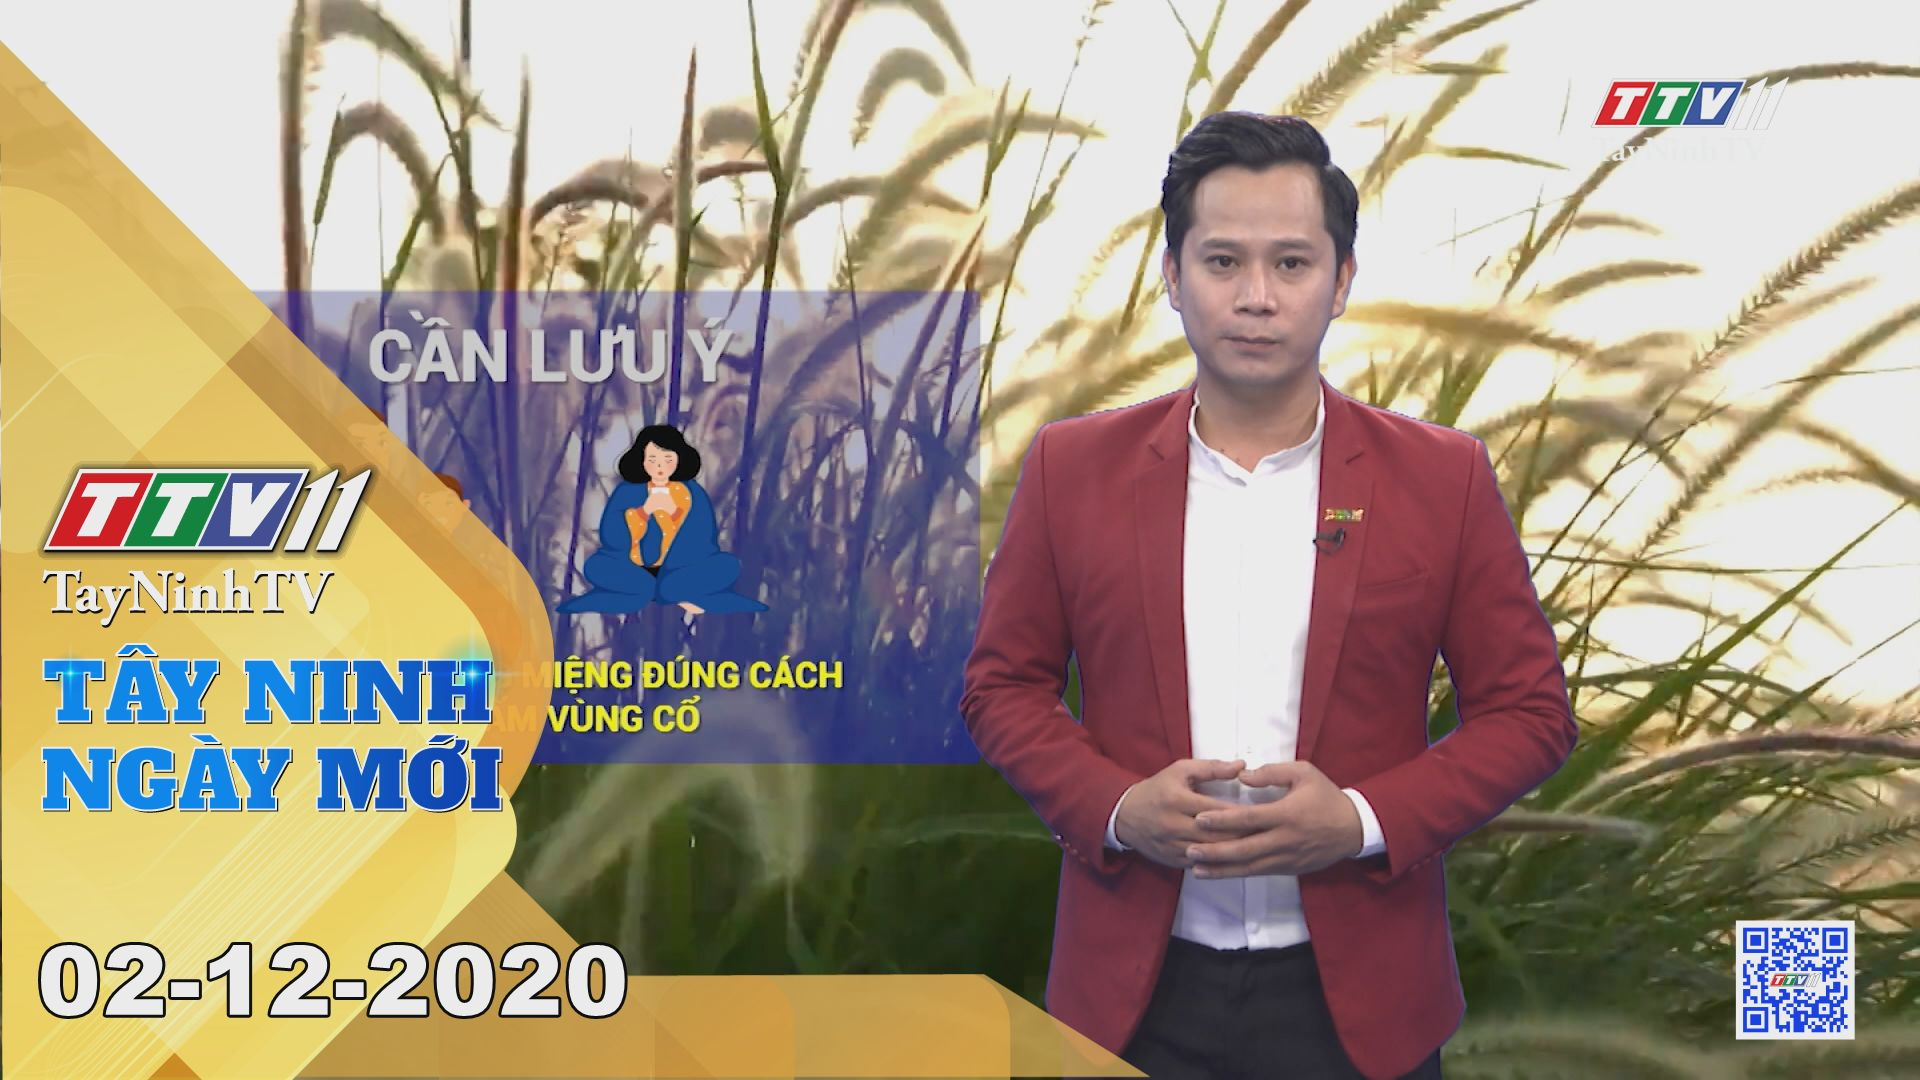 Tây Ninh Ngày Mới 02-12-2020 | Tin tức hôm nay | TayNinhTV